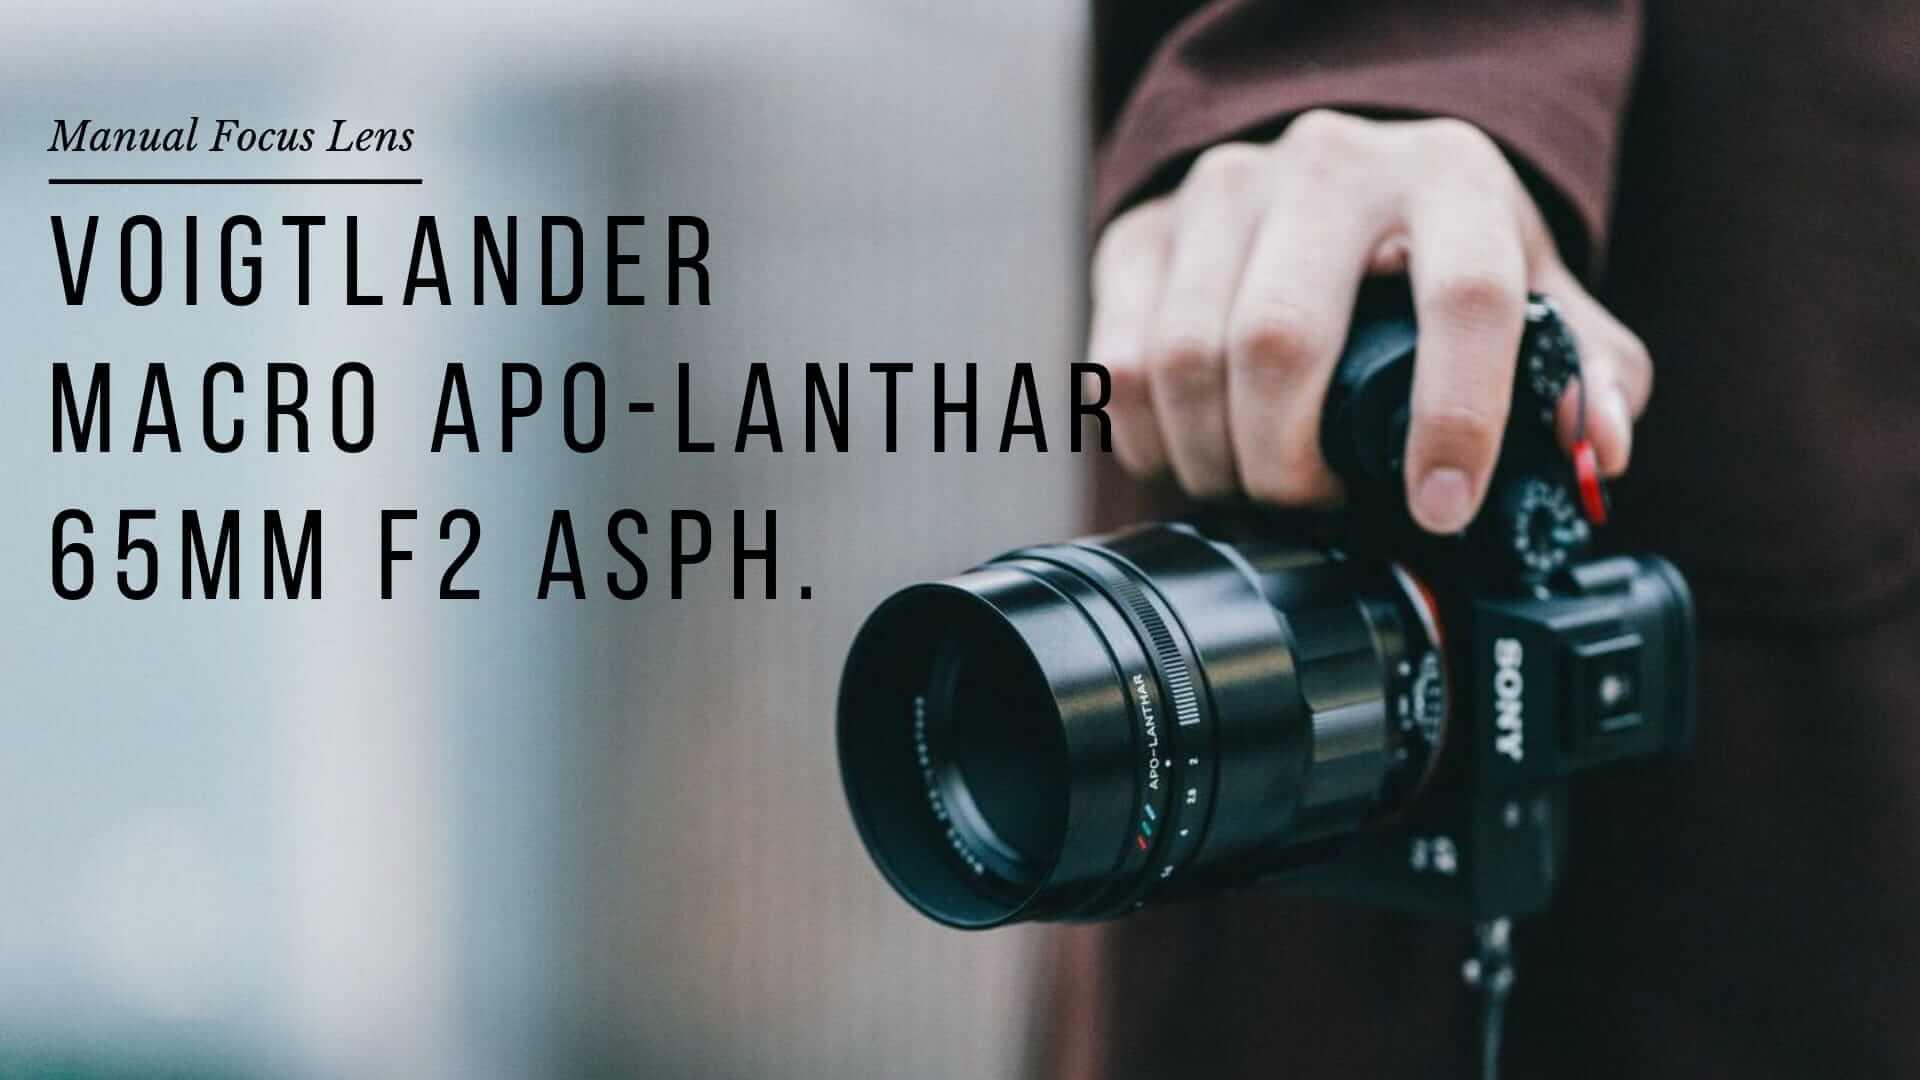 撮影者を魅了する孤高のレンズ。Voigtlander(フォクトレンダー)65mm f2 レビュー。